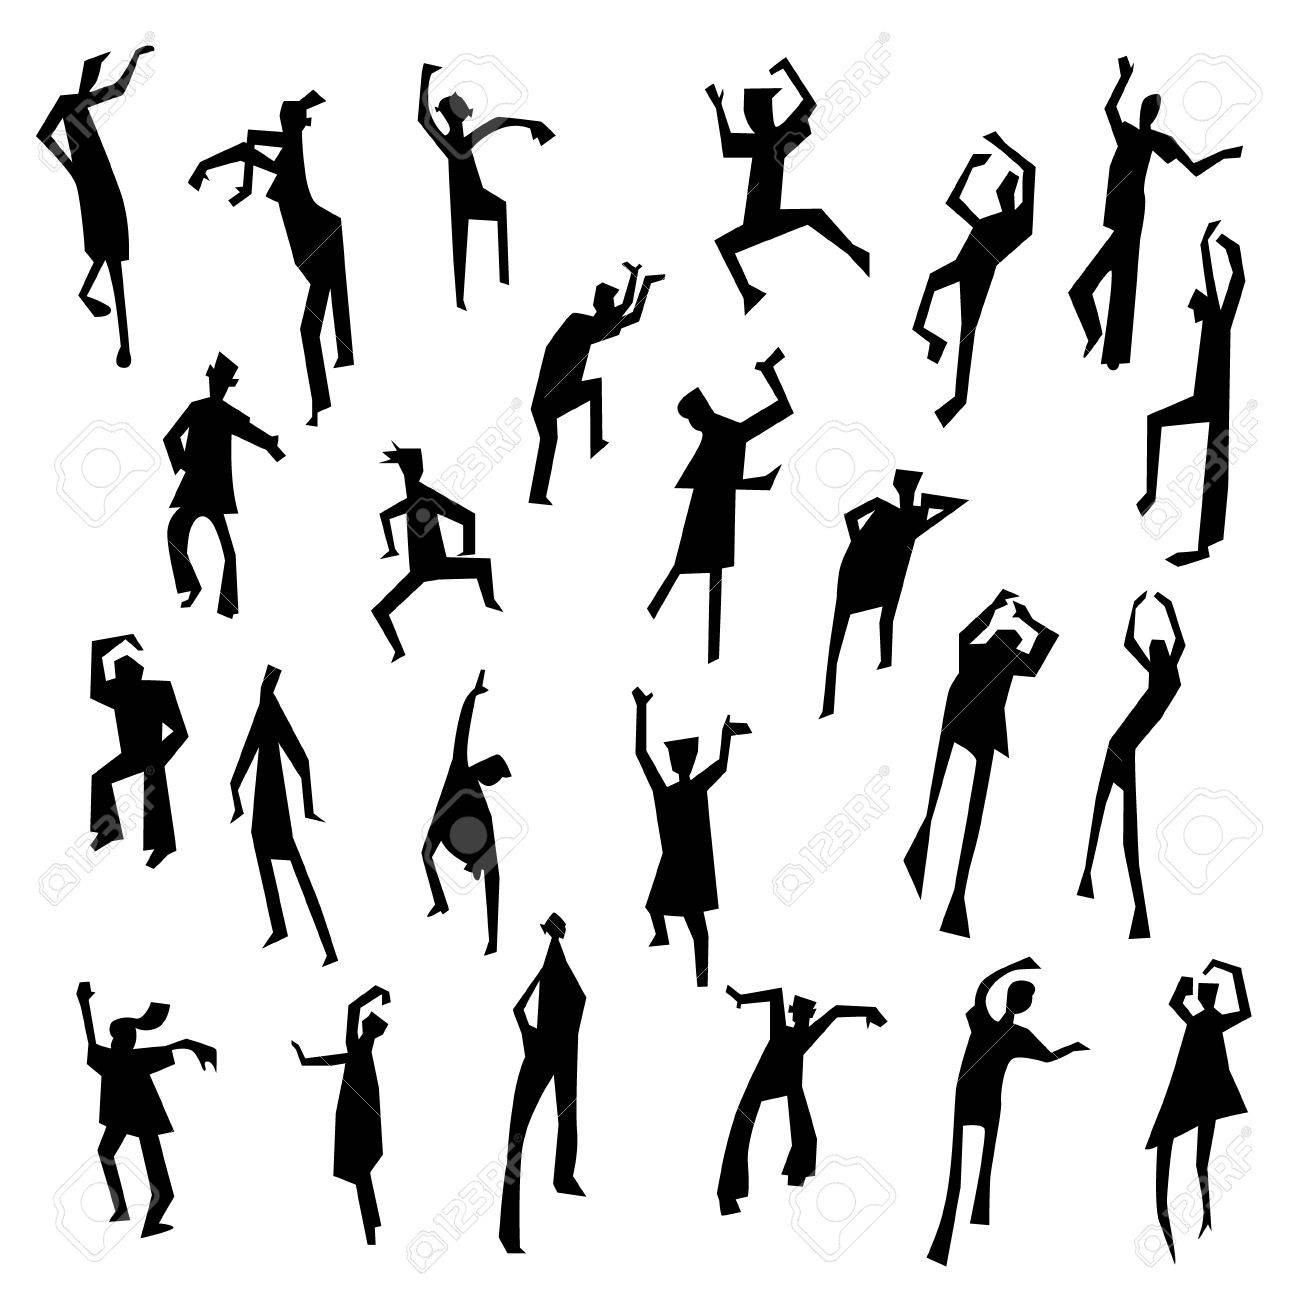 1300x1300 People Figures In Motion. Dancing People Set. Cute Black